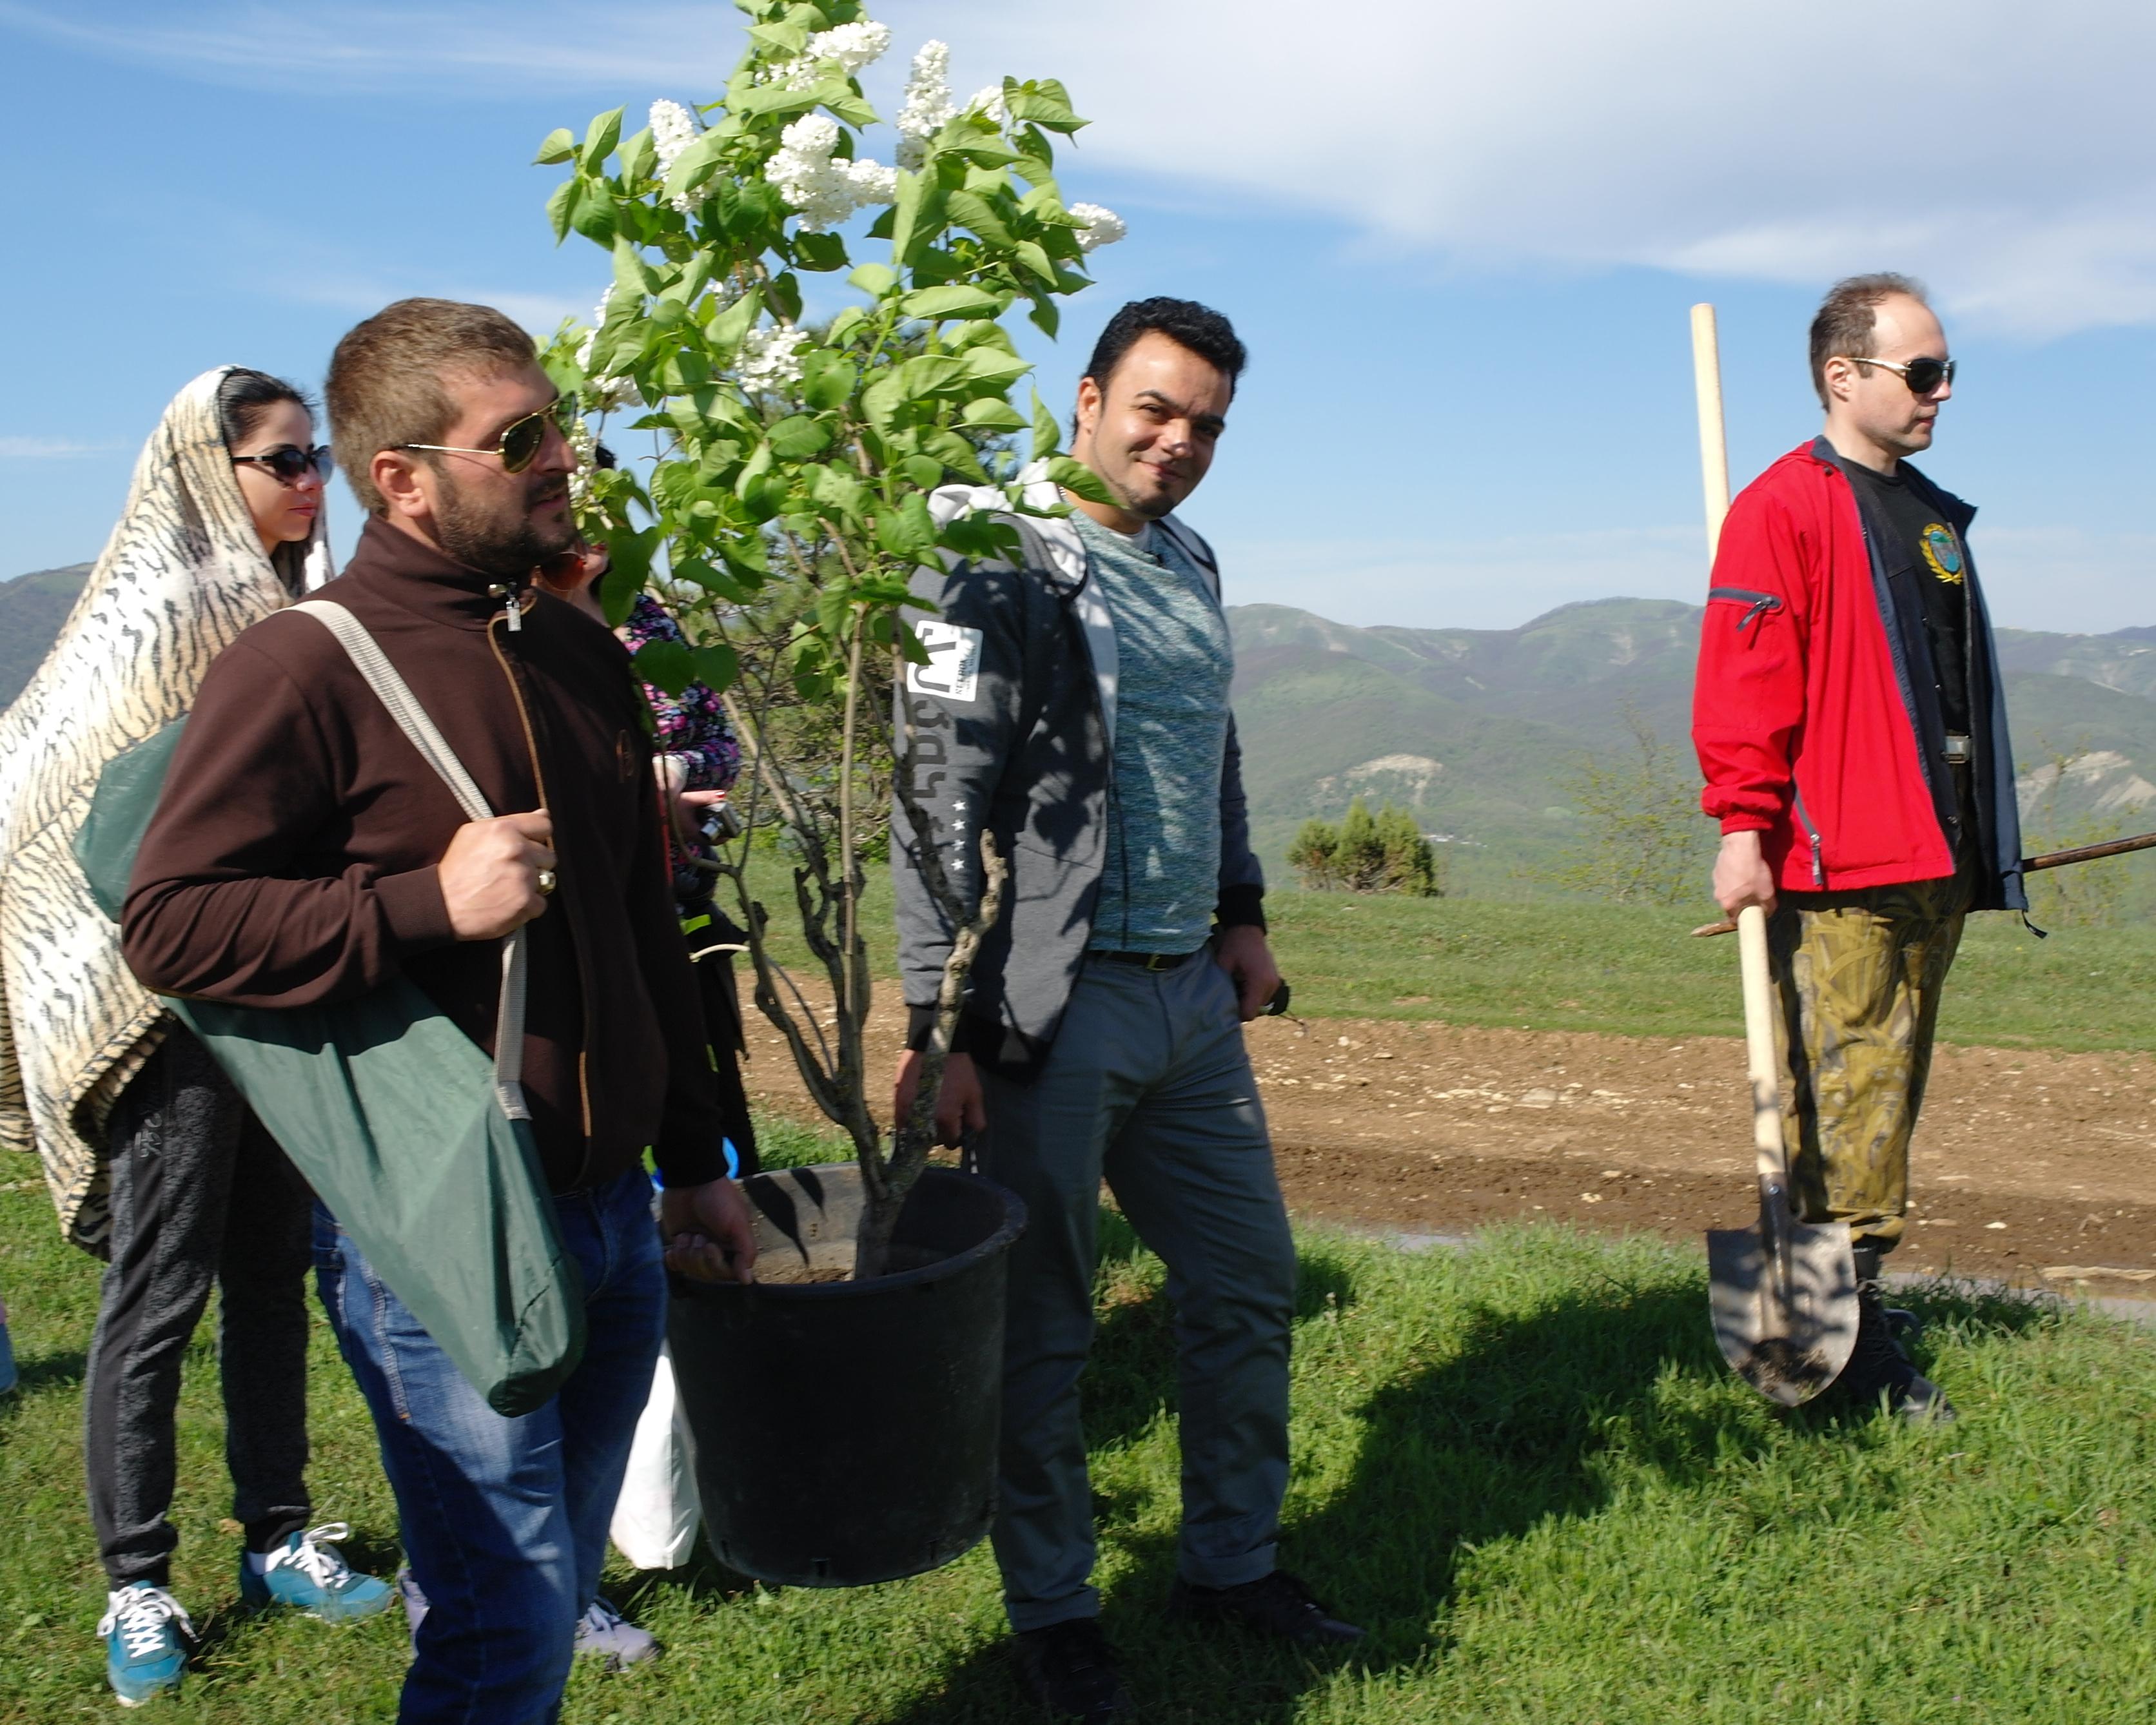 'Посади дерево' из альбома 'Путешествия с Мехди'